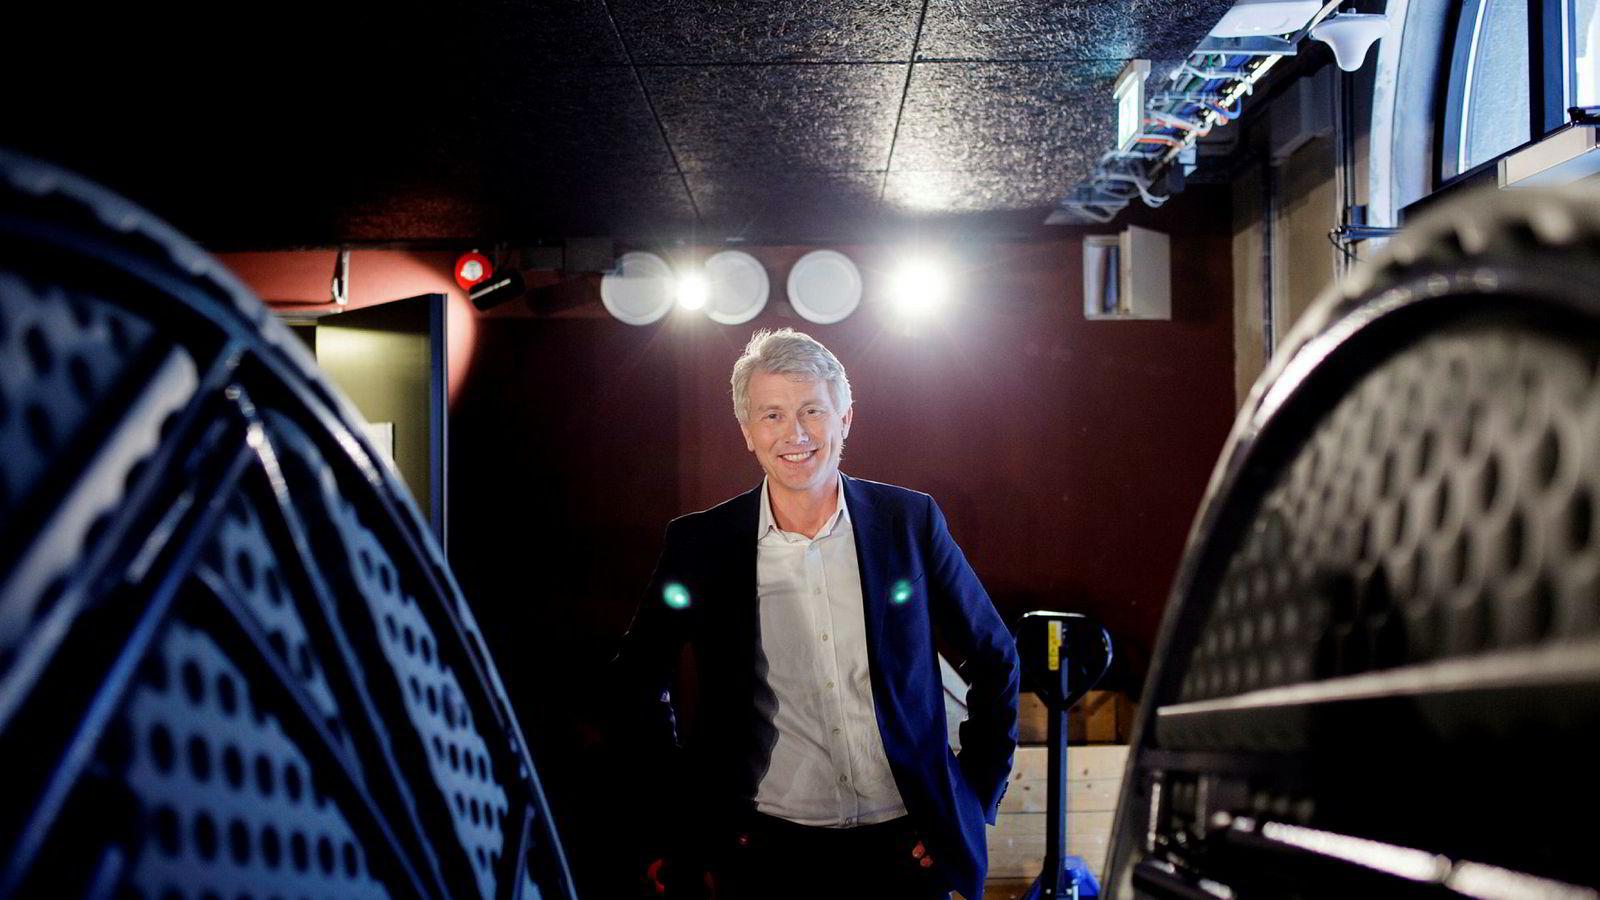 TV 2-sjef Olav T. Sandnes bekrefter nå at kanalen er enige med Telenor om ny avtale.